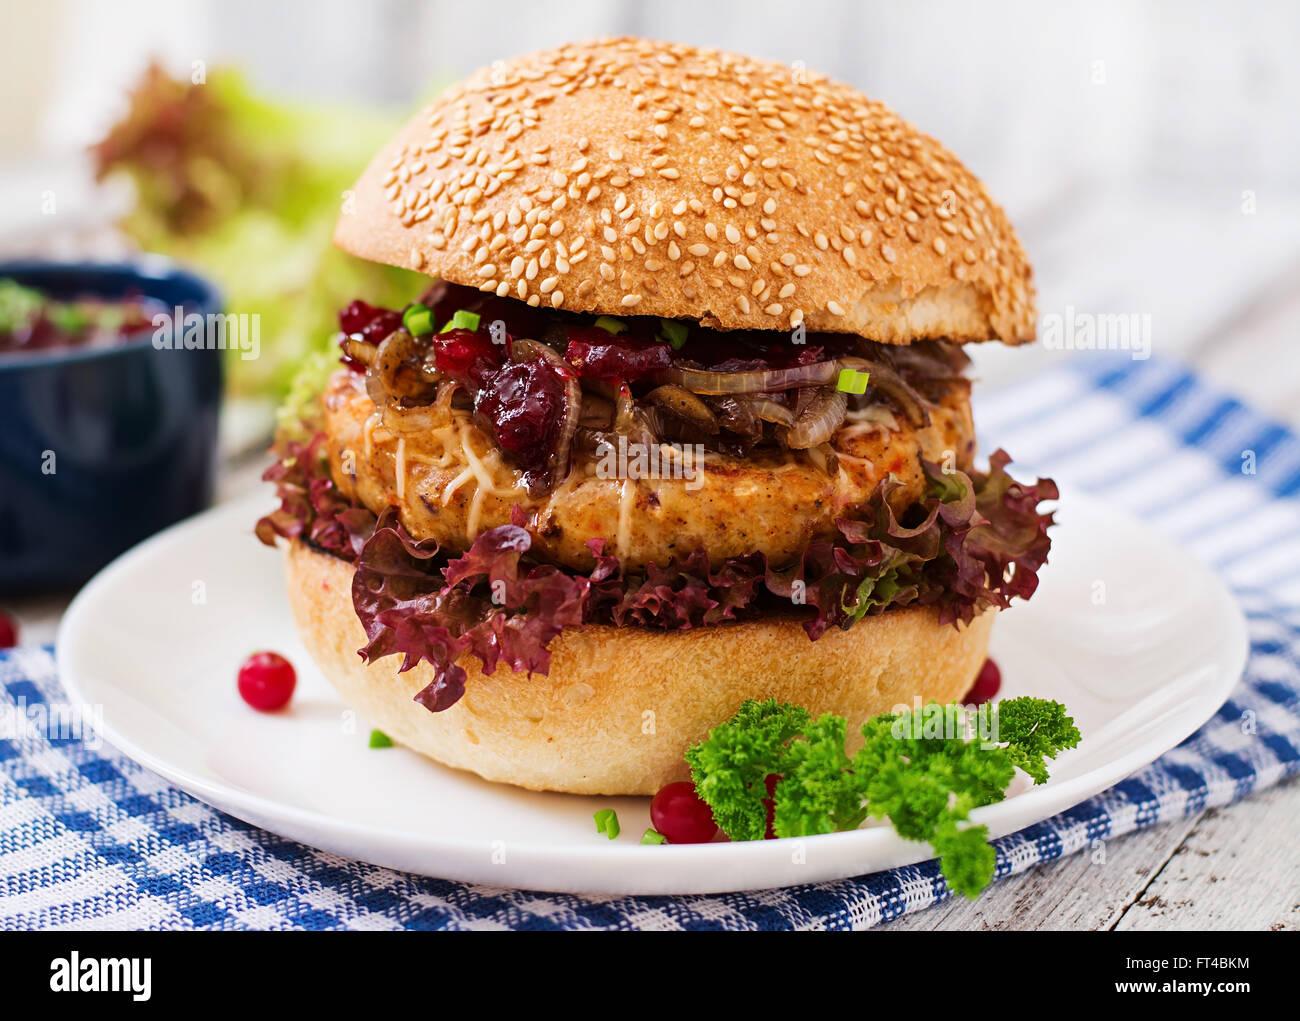 Man Cave Turkey Burgers : Man cave meatloaf beef recipes kamado guru